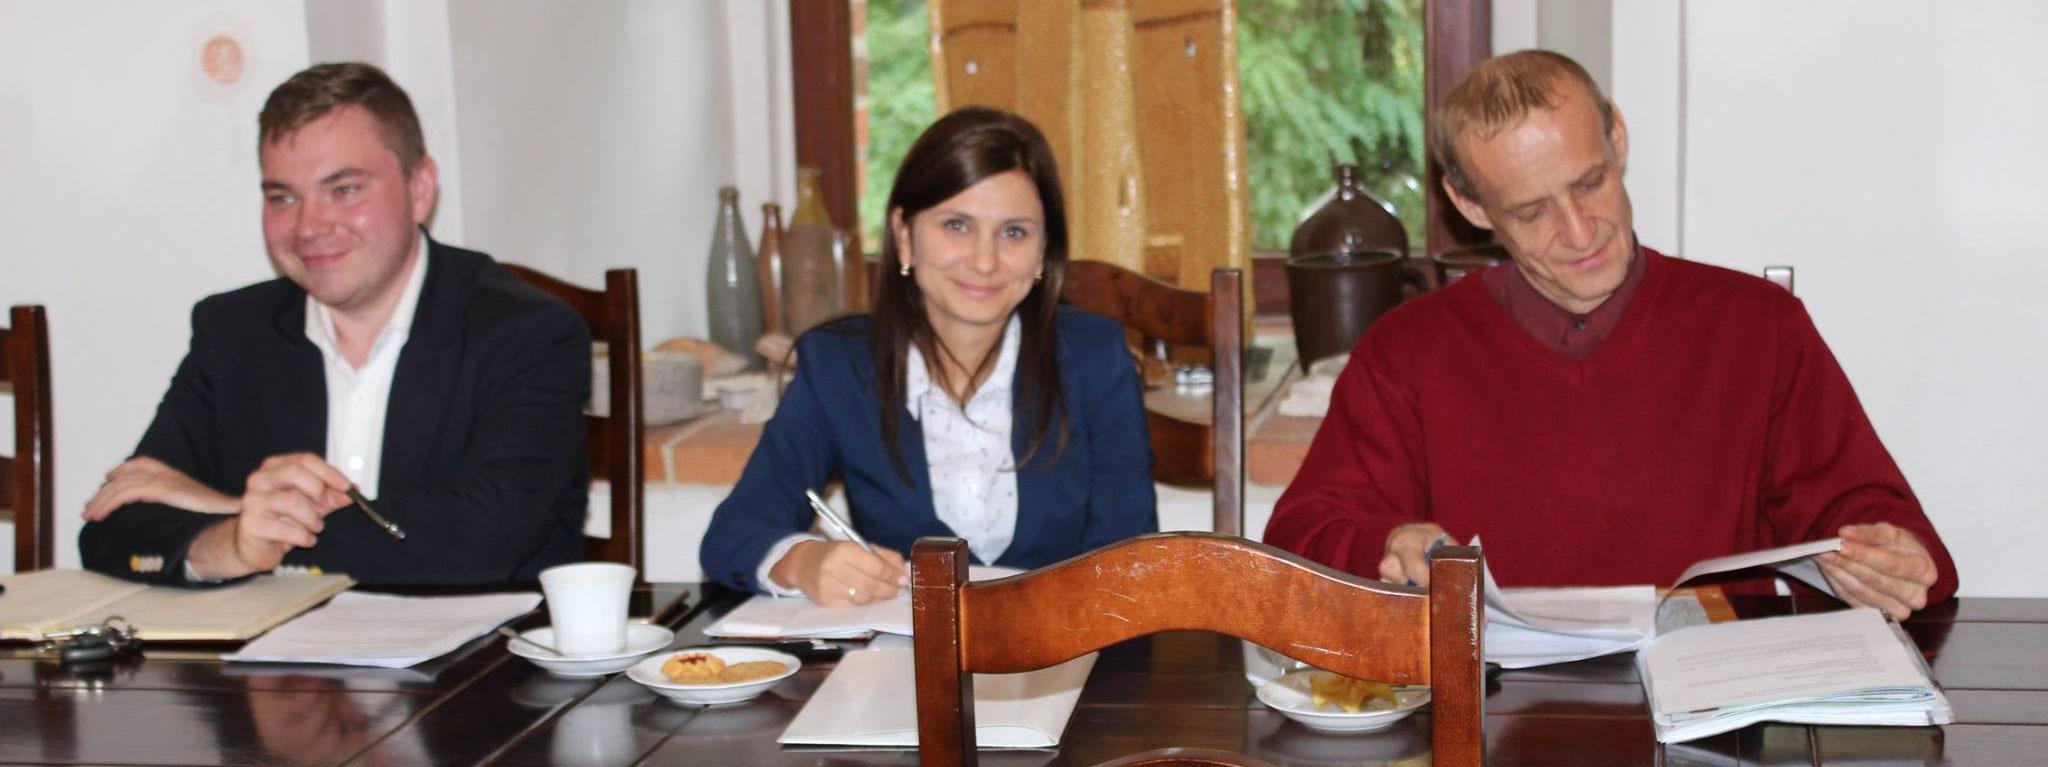 Stowarzyszenie Wzgórz  Trzebnickich i Doliny Baryczy